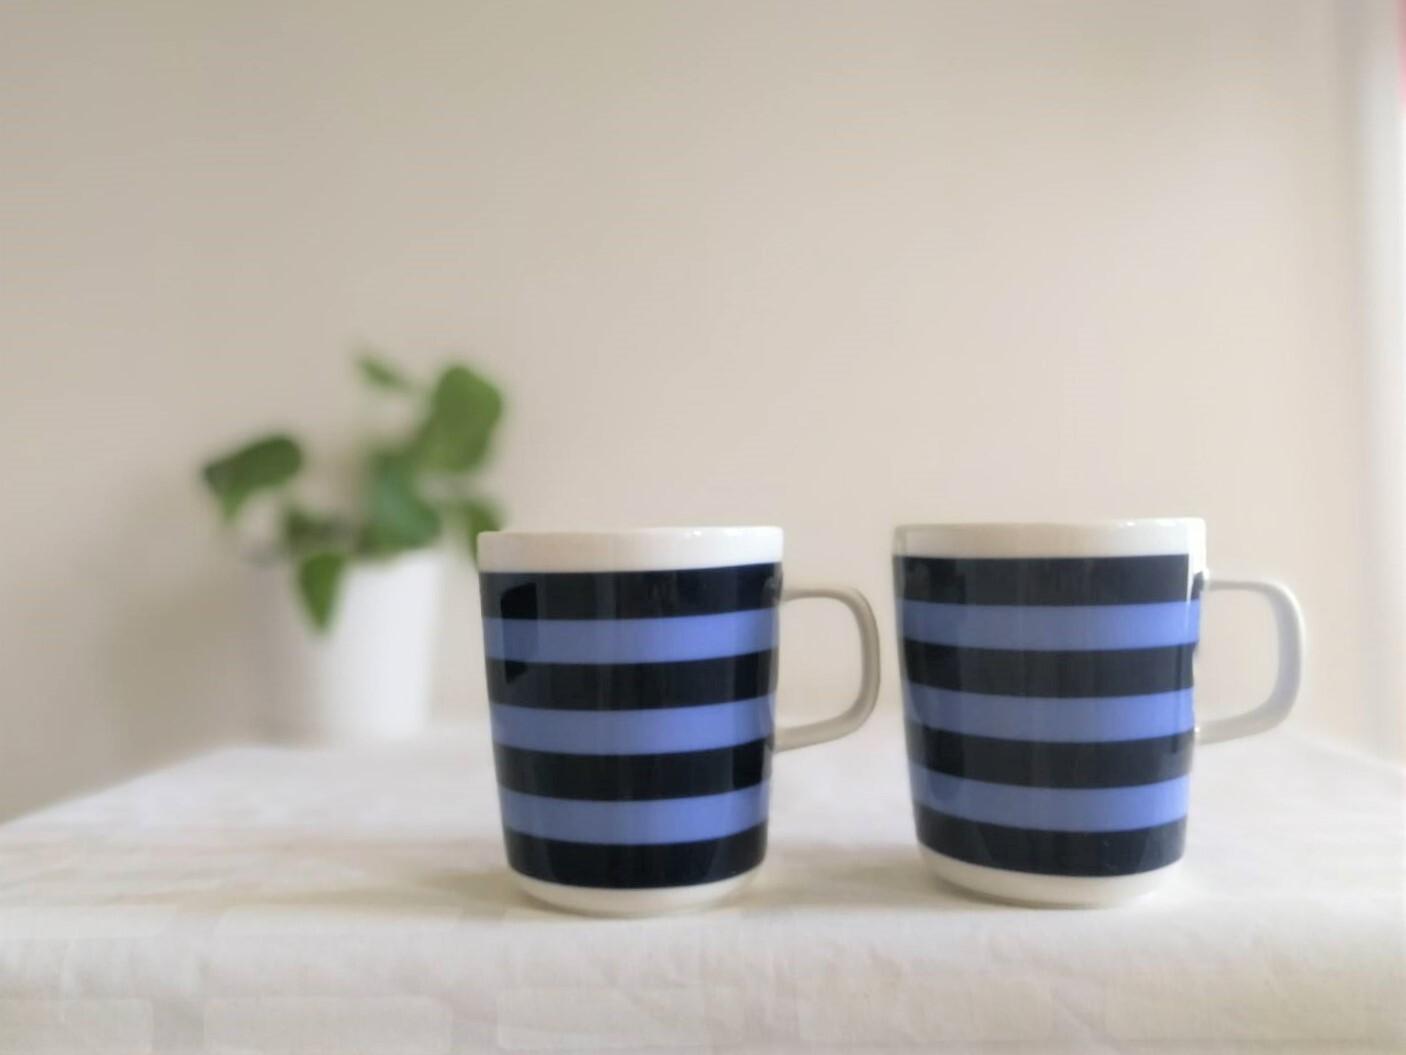 マグカップ / marimekko マリメッコ / TASARAITA タサライタ  (ブルーxネイビー) 250ml